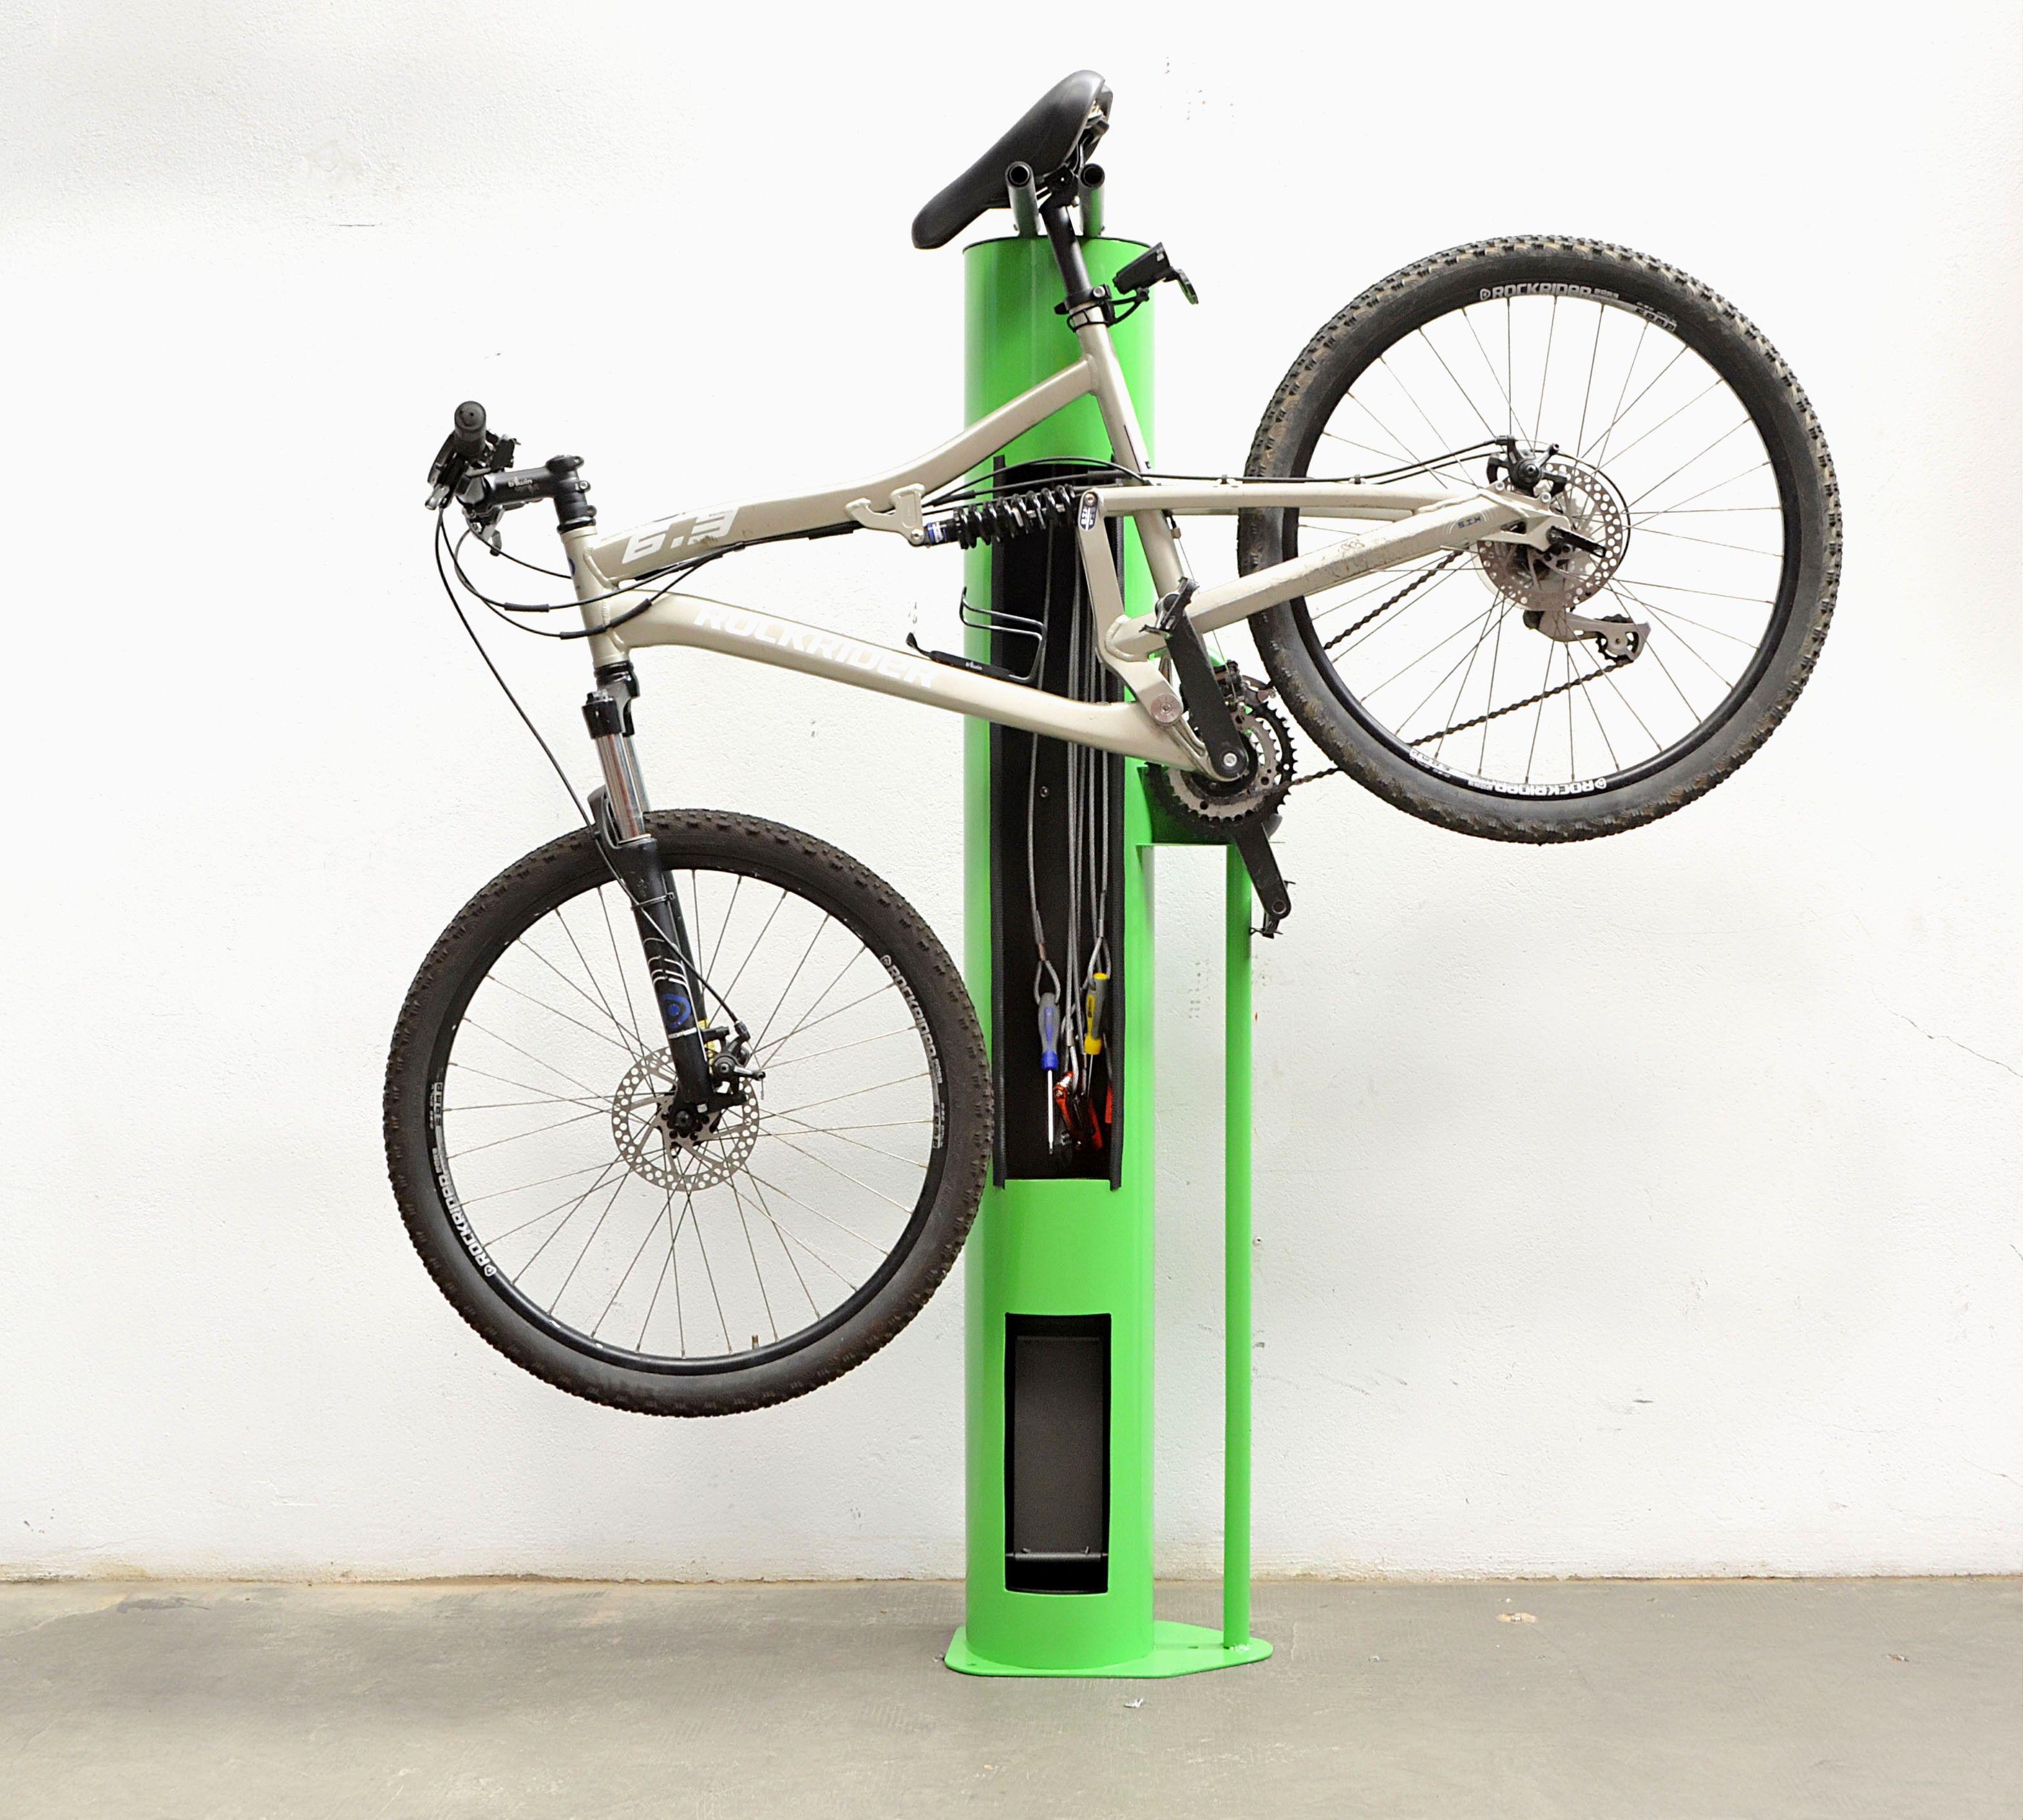 Fahrradstander Und Werkstatt Ein Schatz Bei Sellypally Com Jetzt